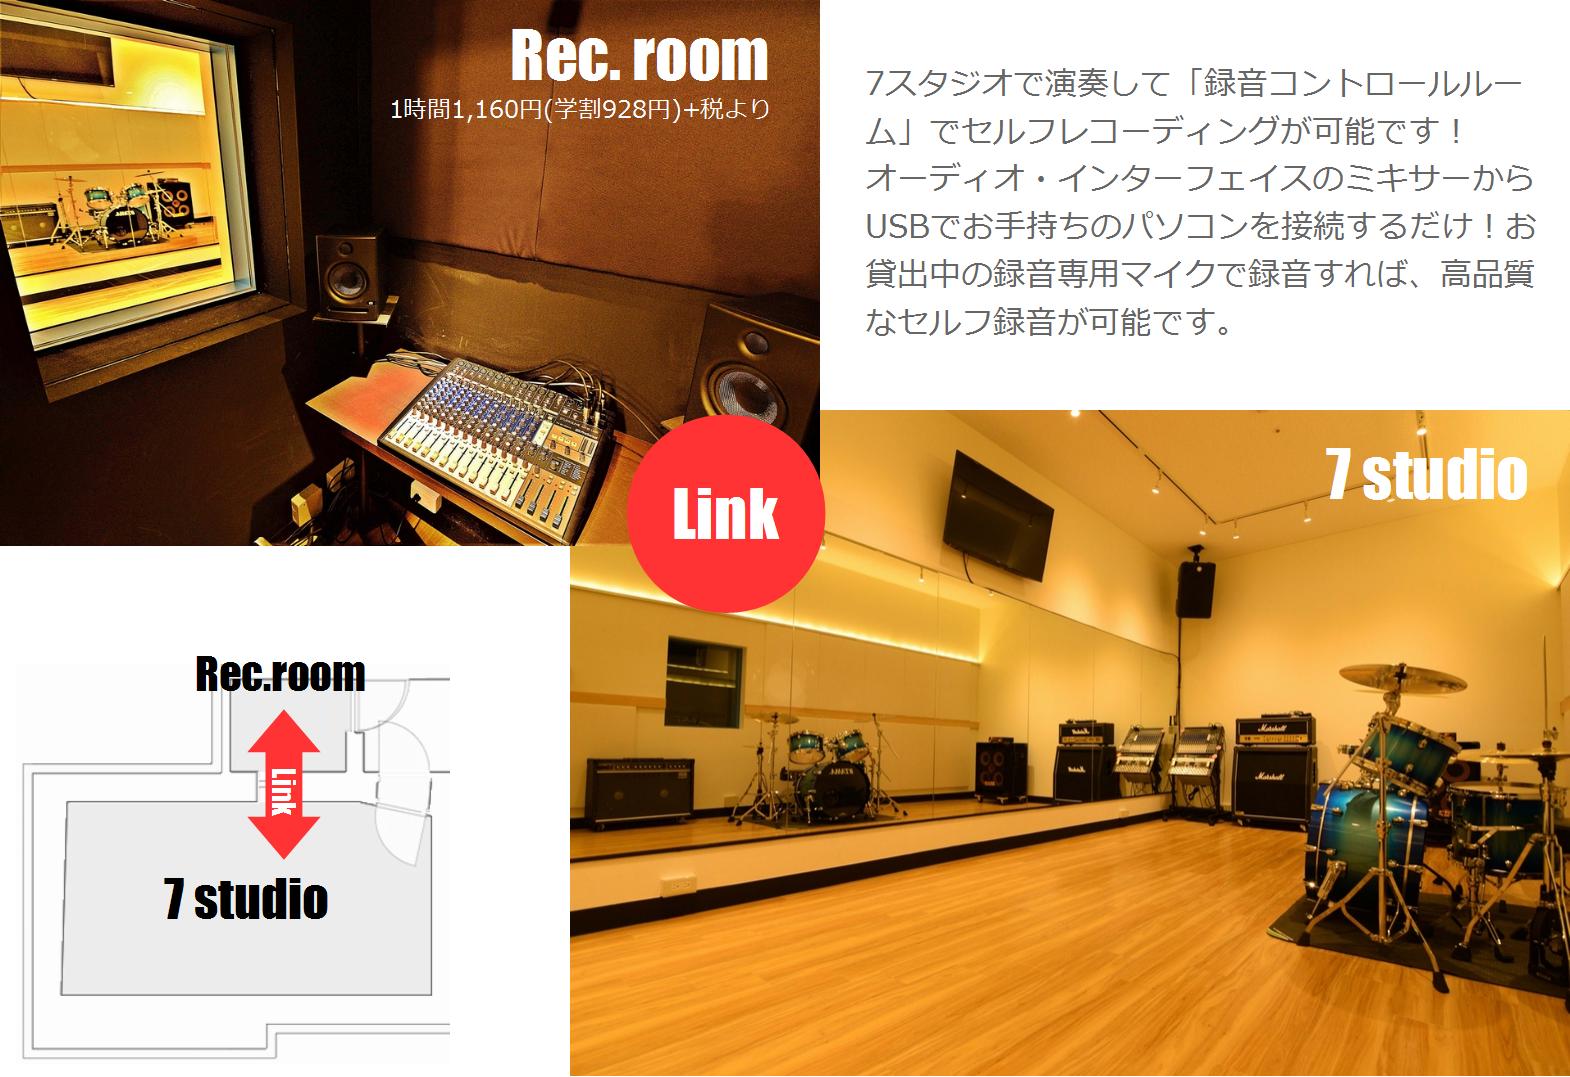 音楽天国・名古屋ささしまライブ店の録音コントロールルームとリンク